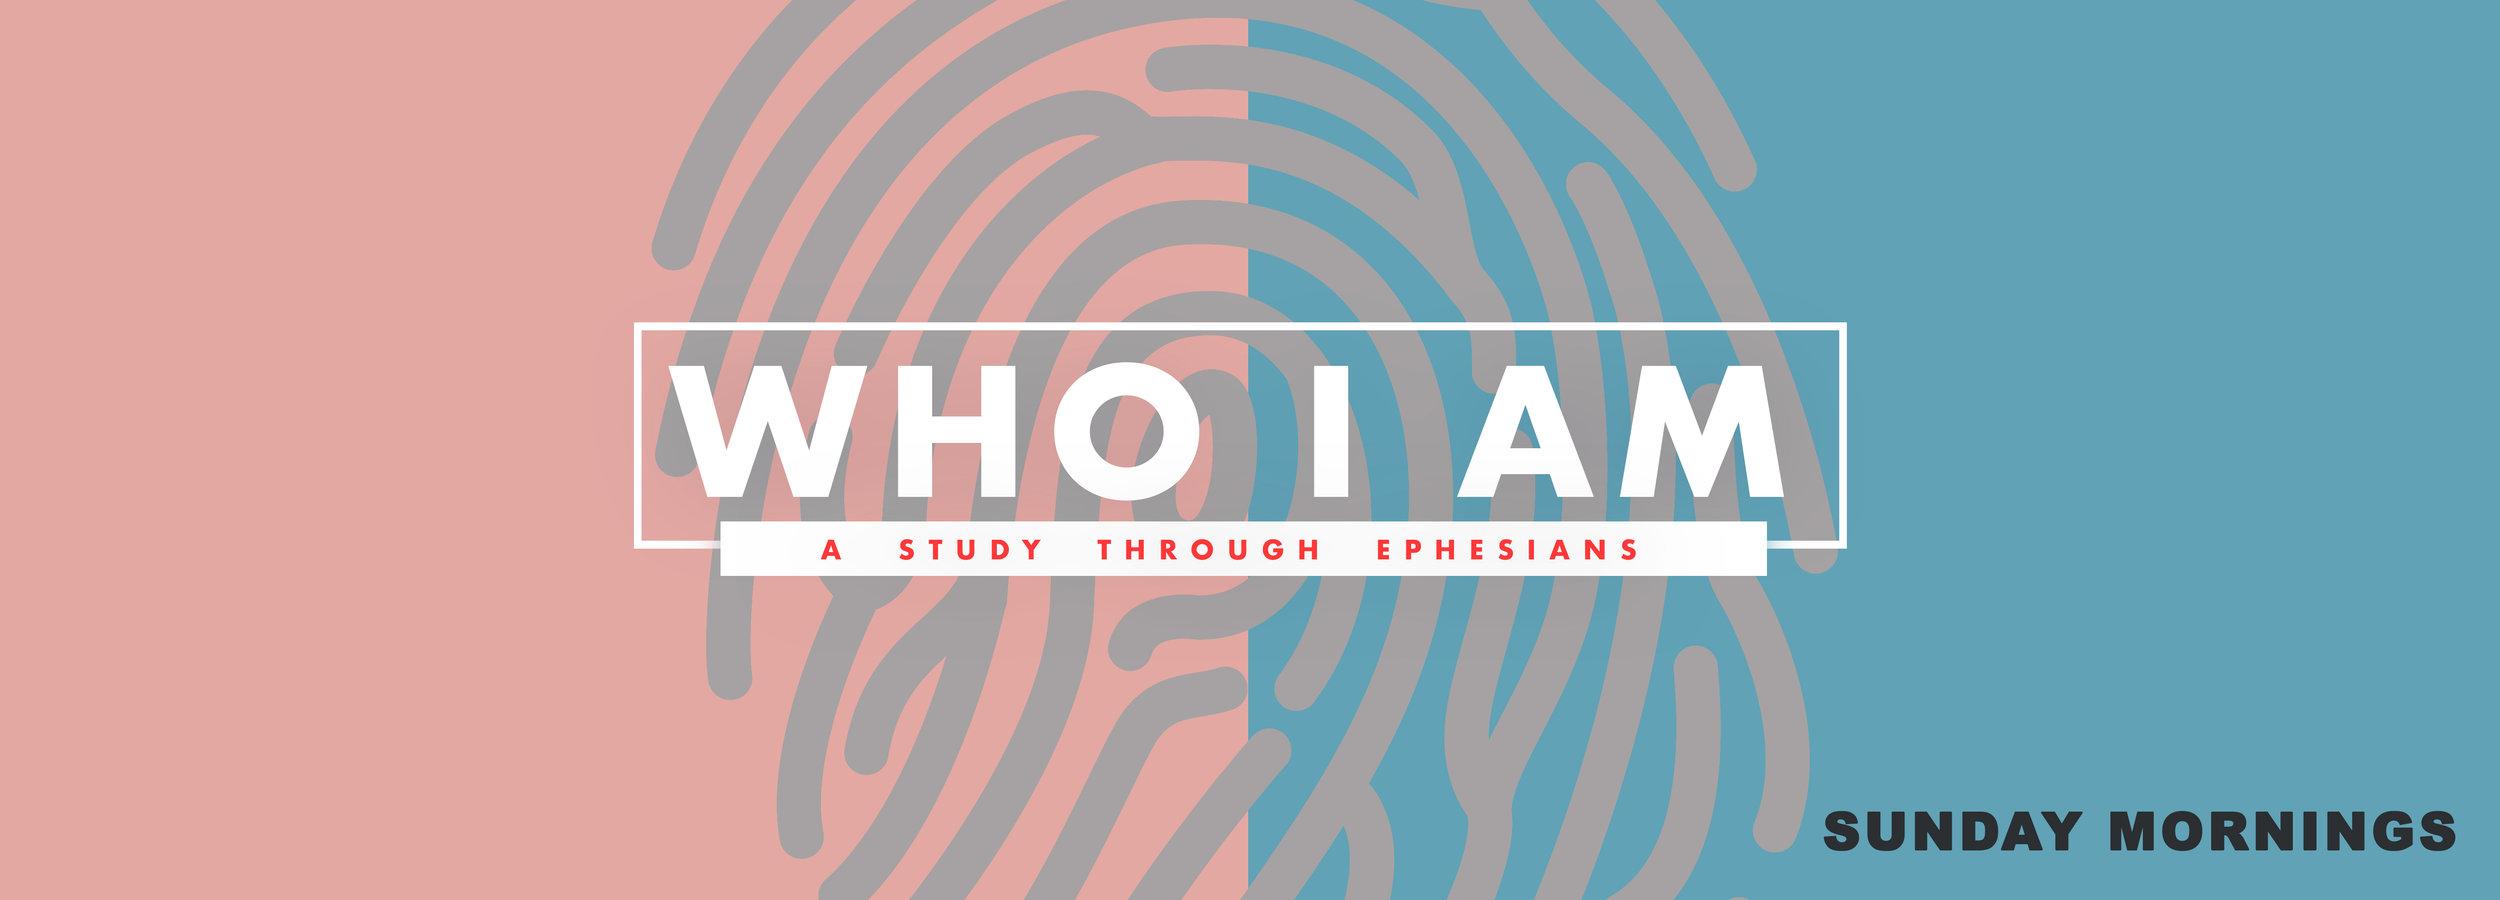 Ephesians_website banner.jpg